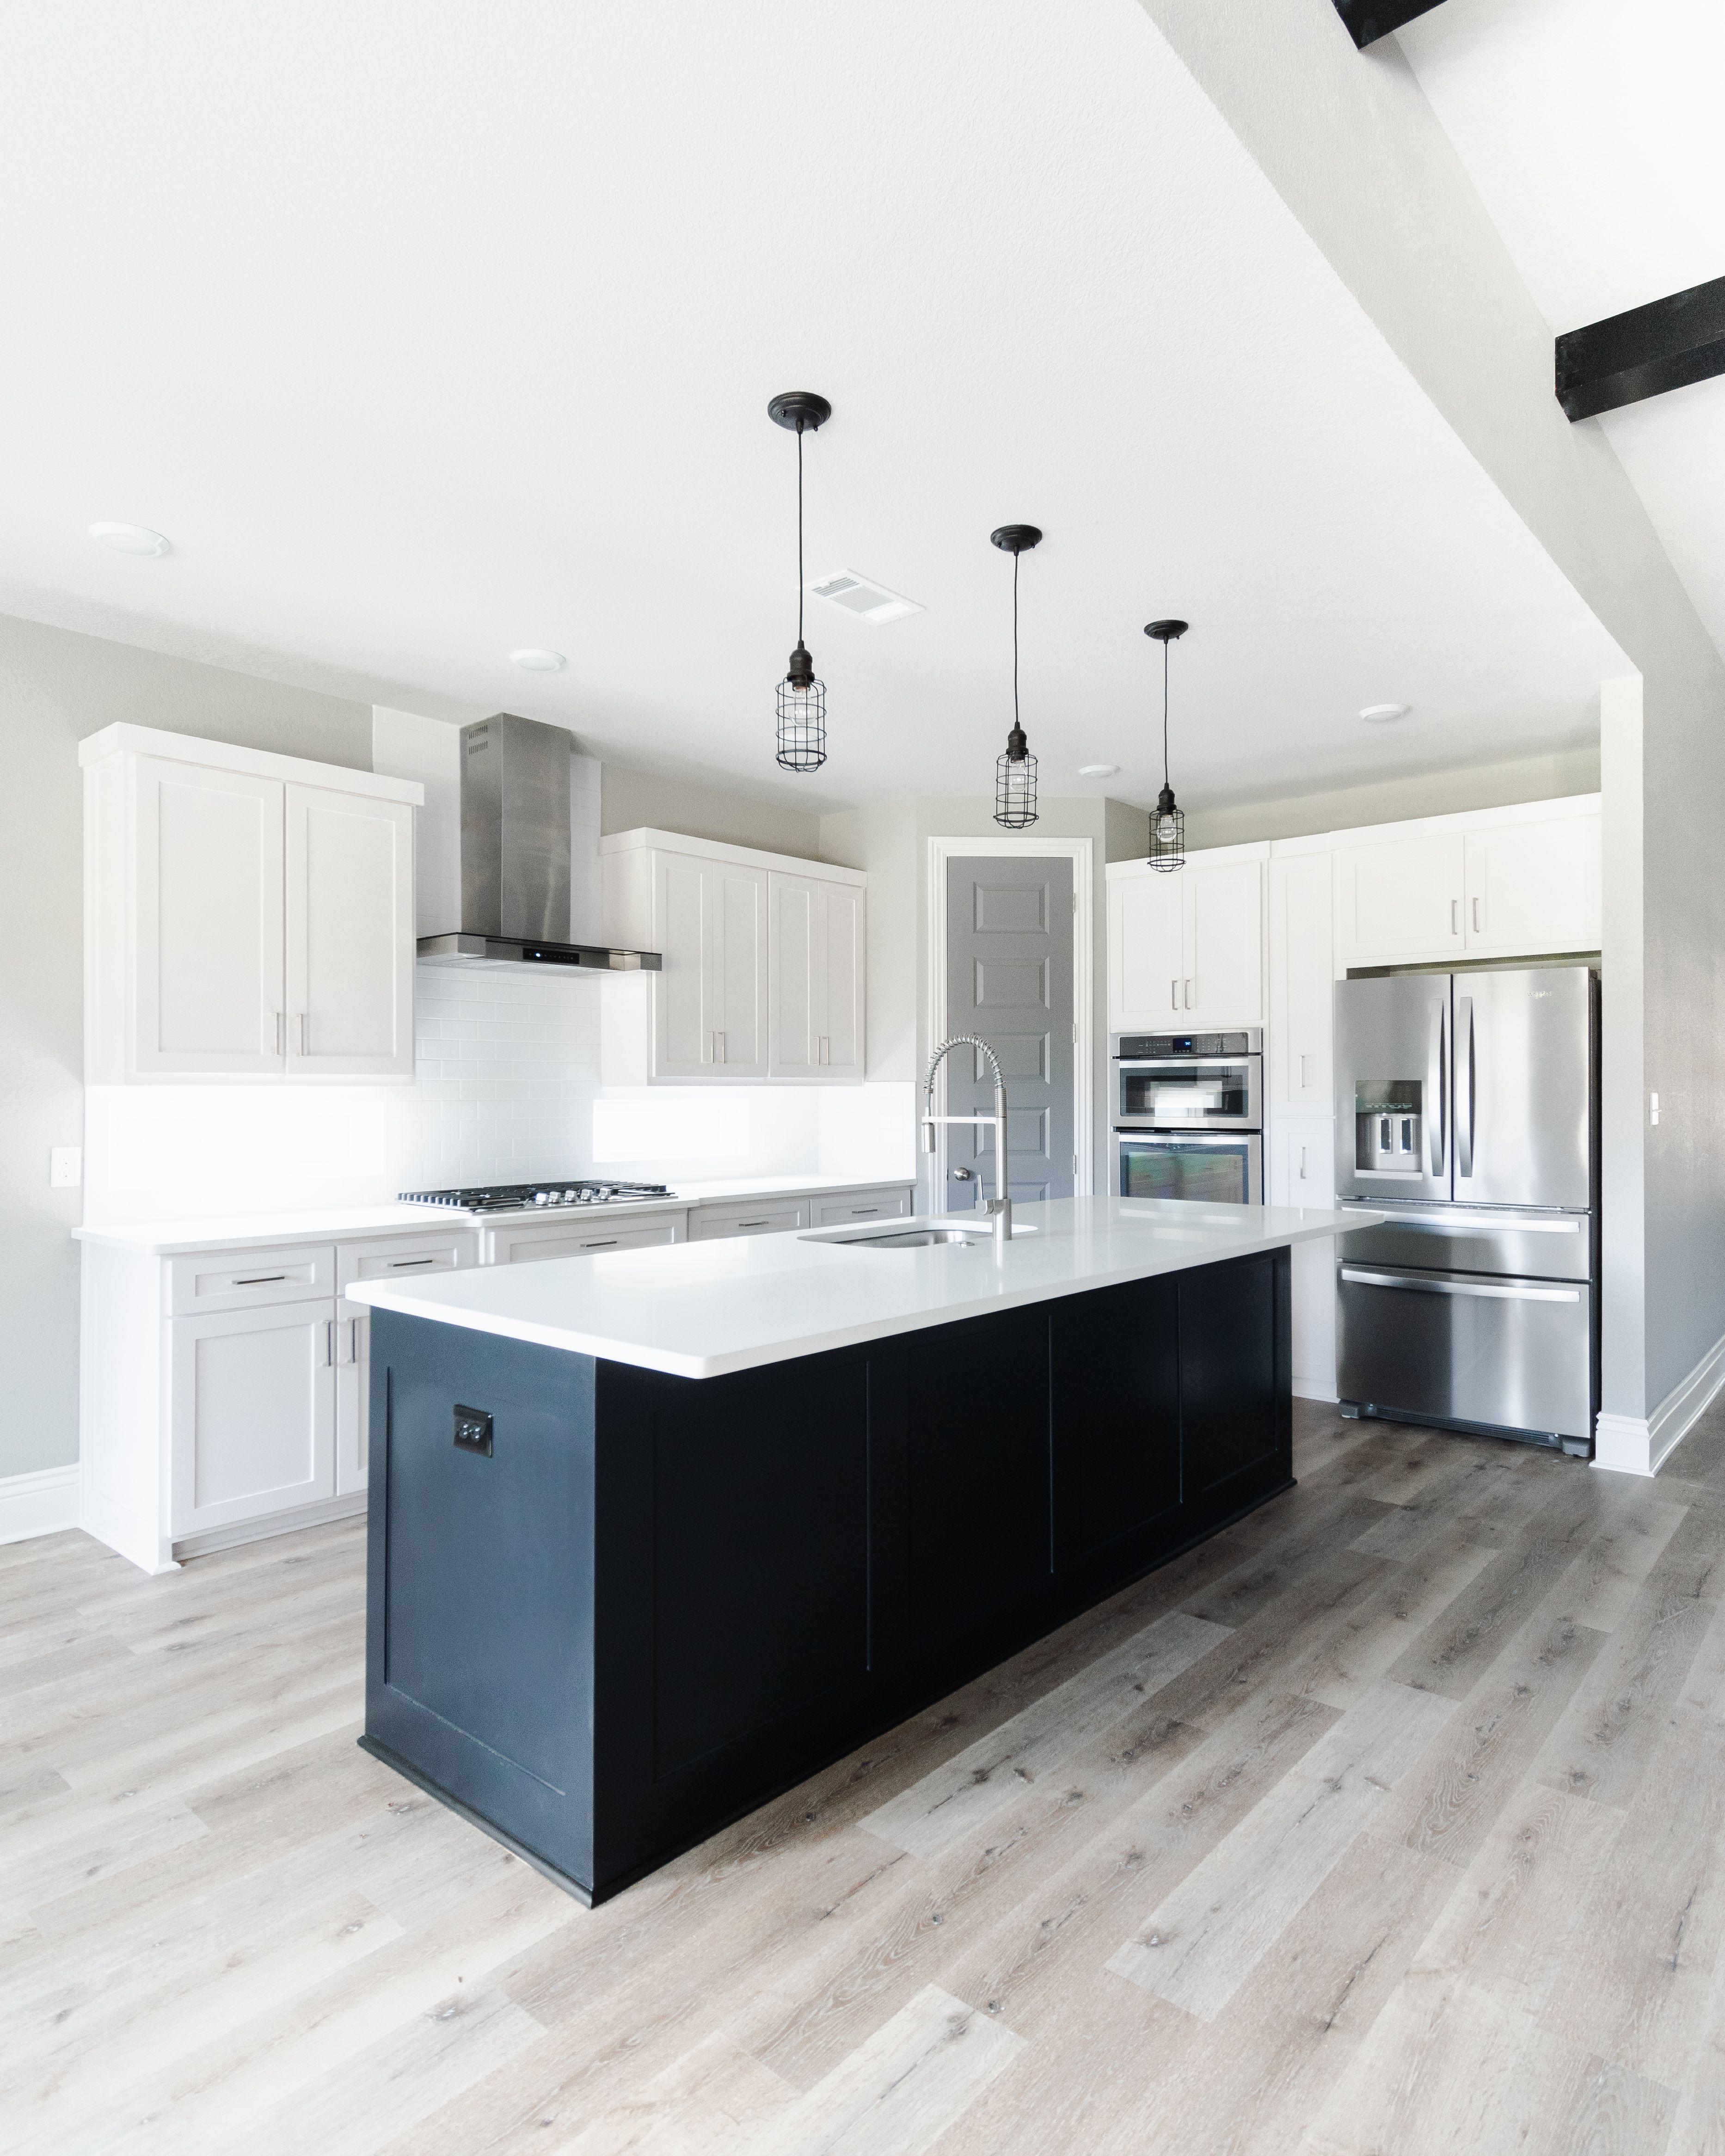 Modern Industrial White Kitchen With Black Island White Modern Kitchen White Kitchen Black Kitchen Island